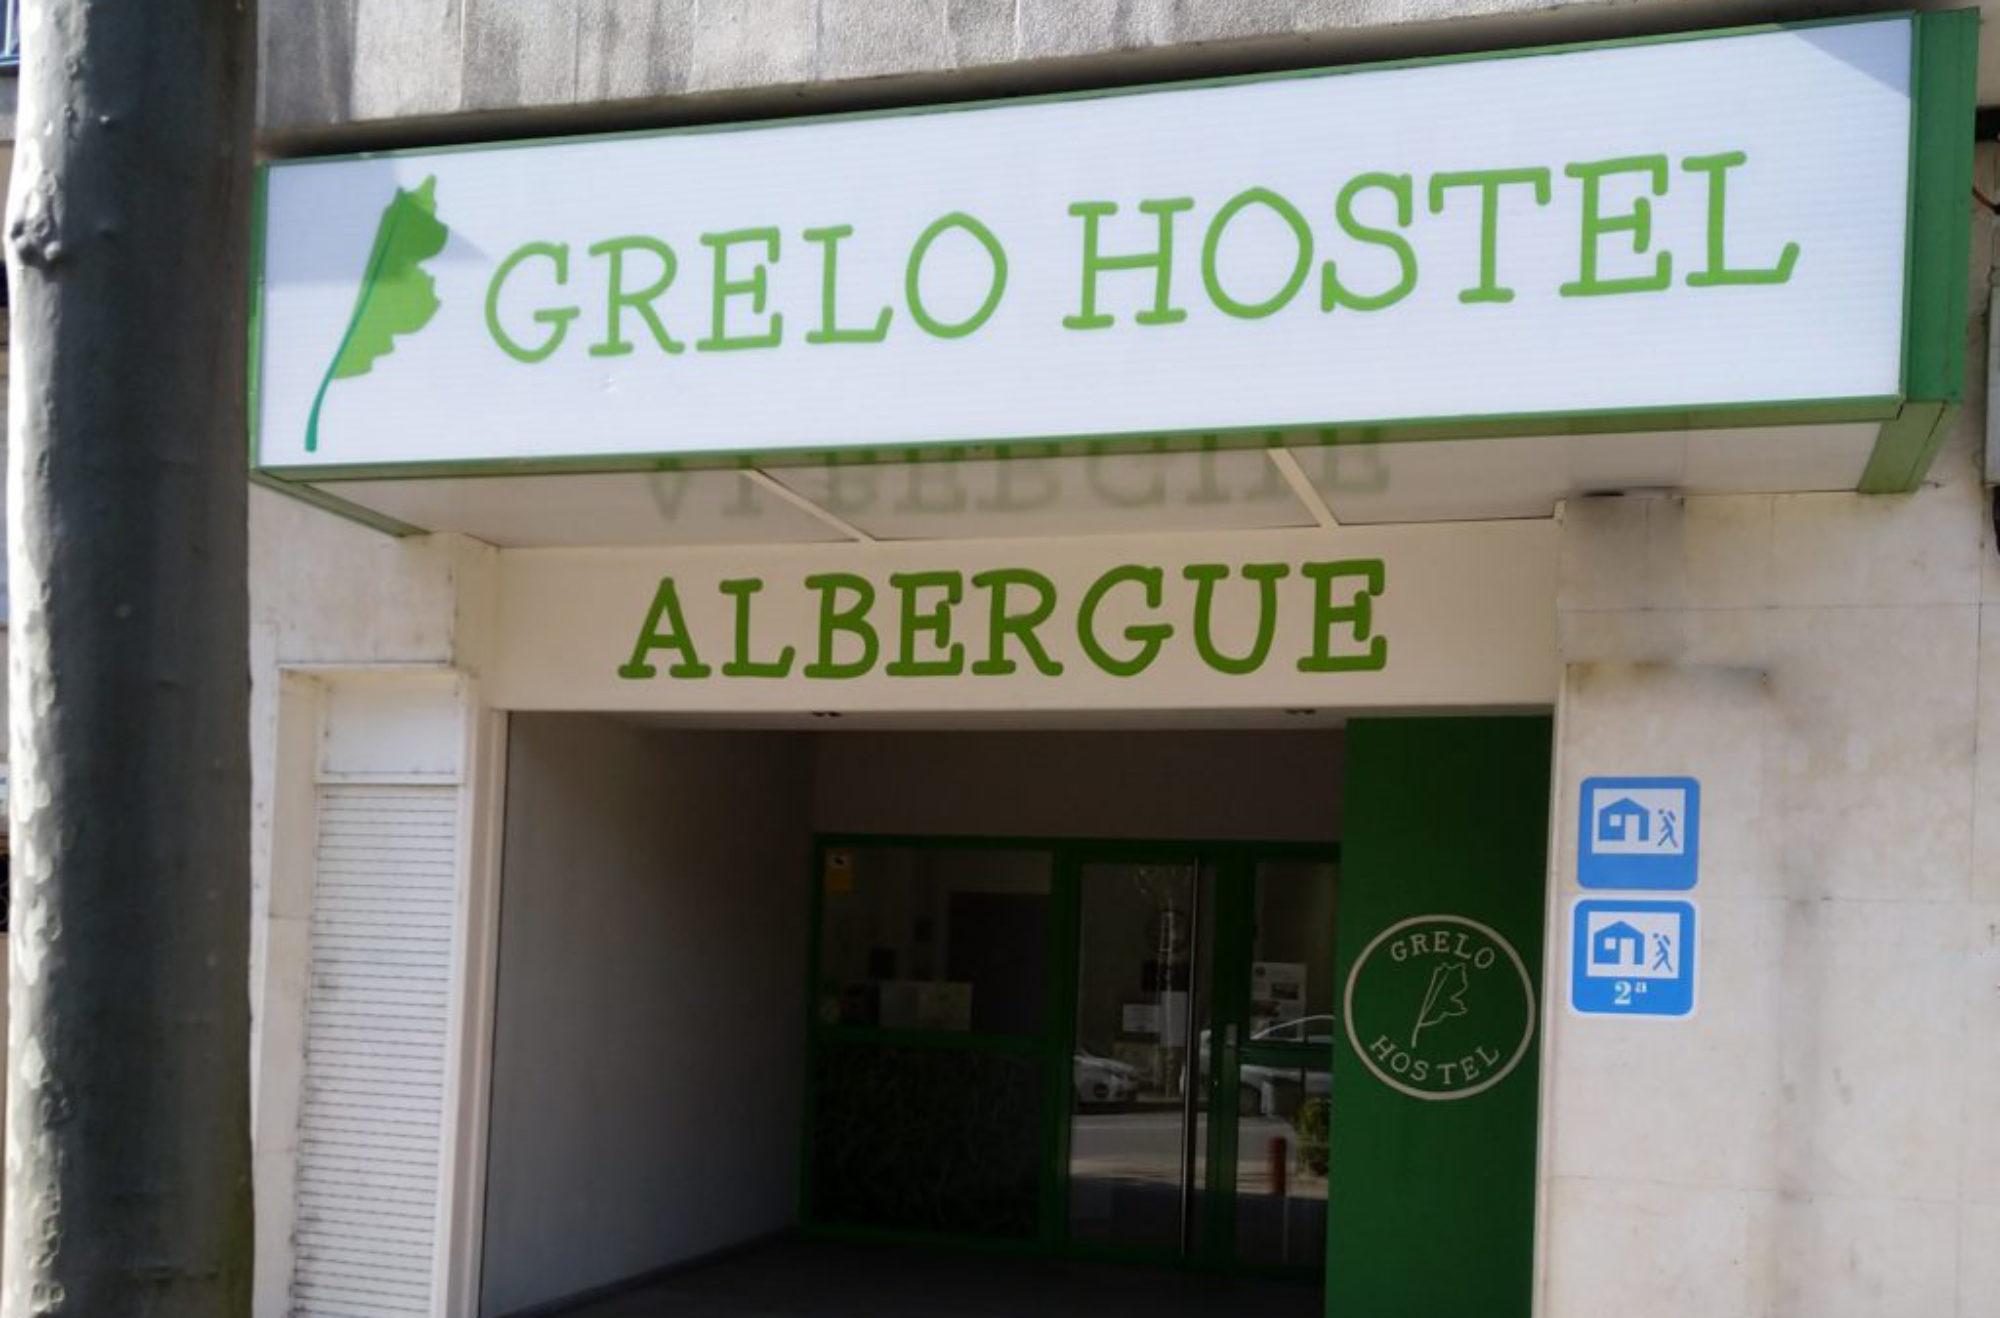 Grelo Hostel - Albergue moderno